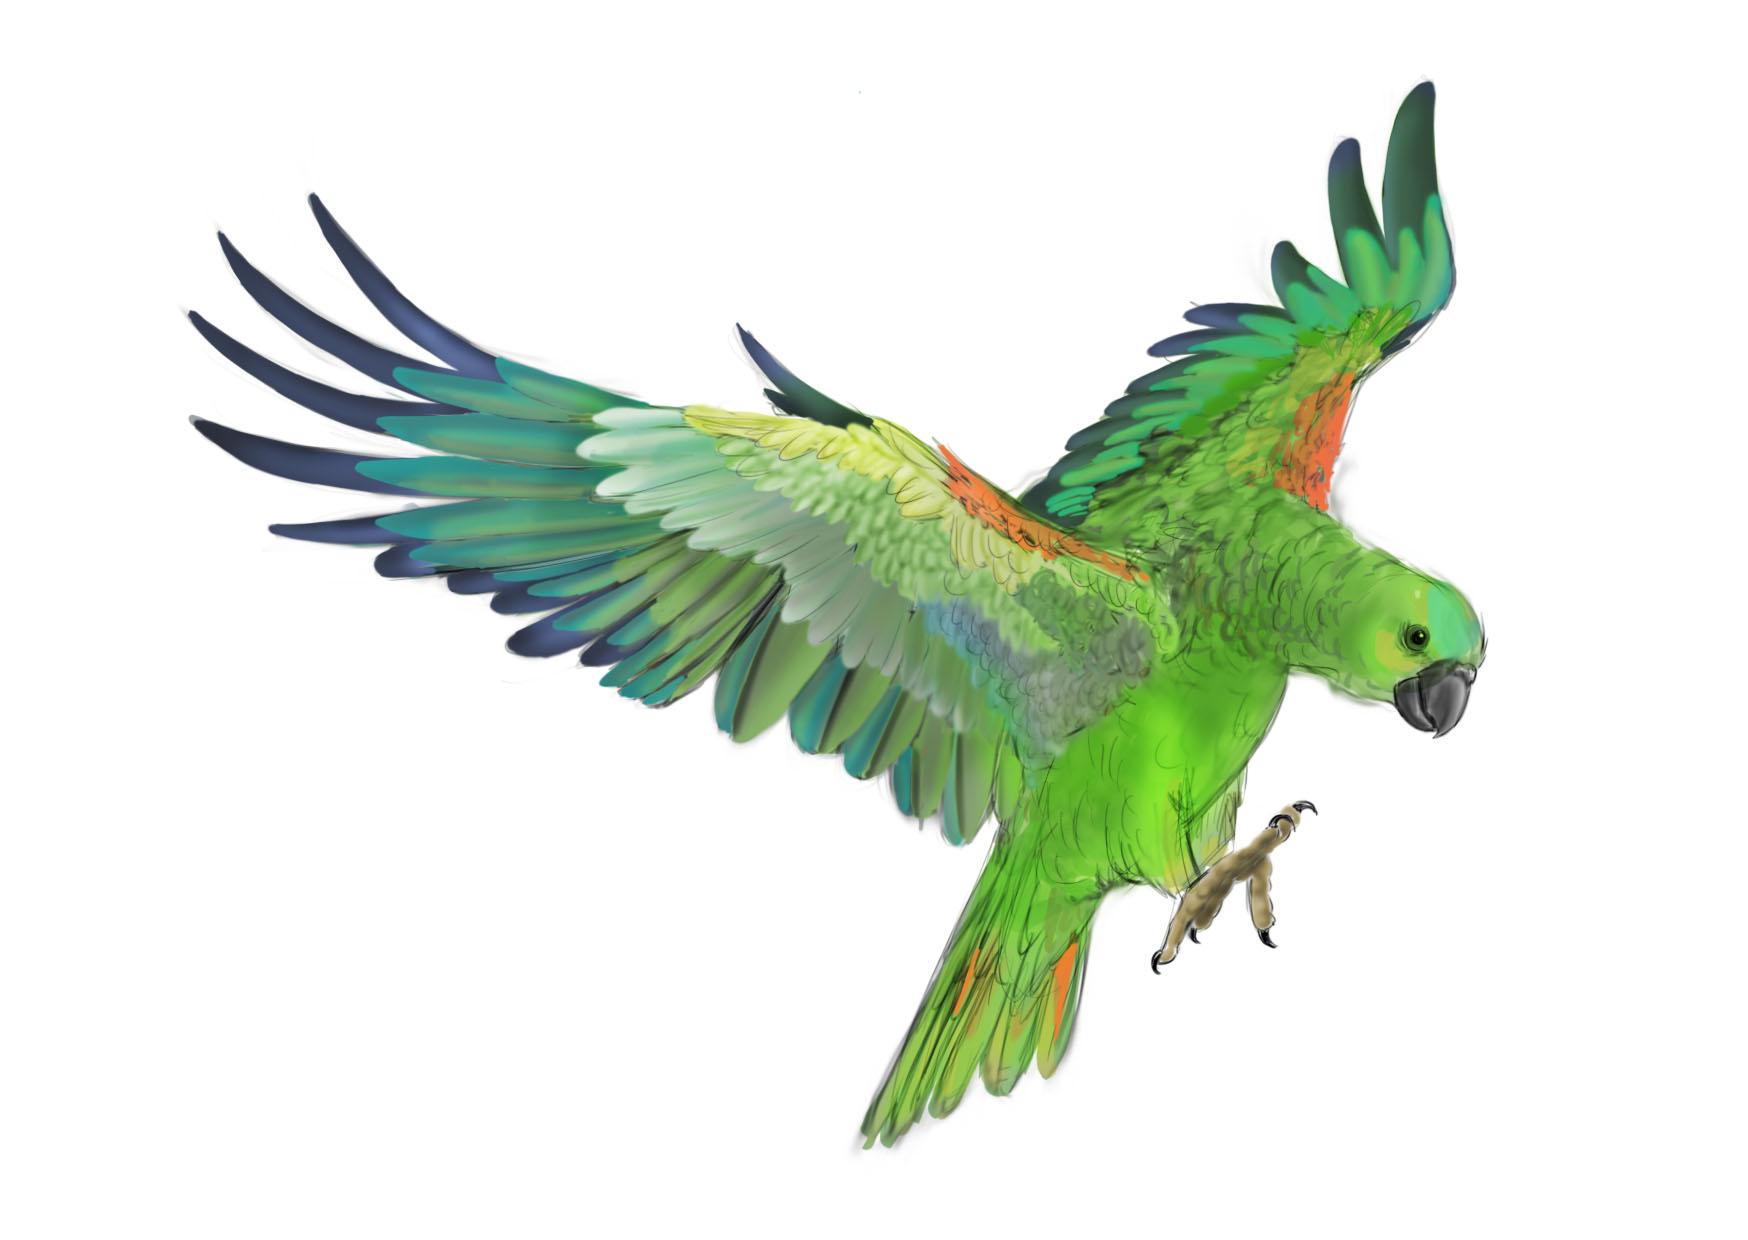 клипарт, зеленый попугай, скачать фото, обои для рабочего стола